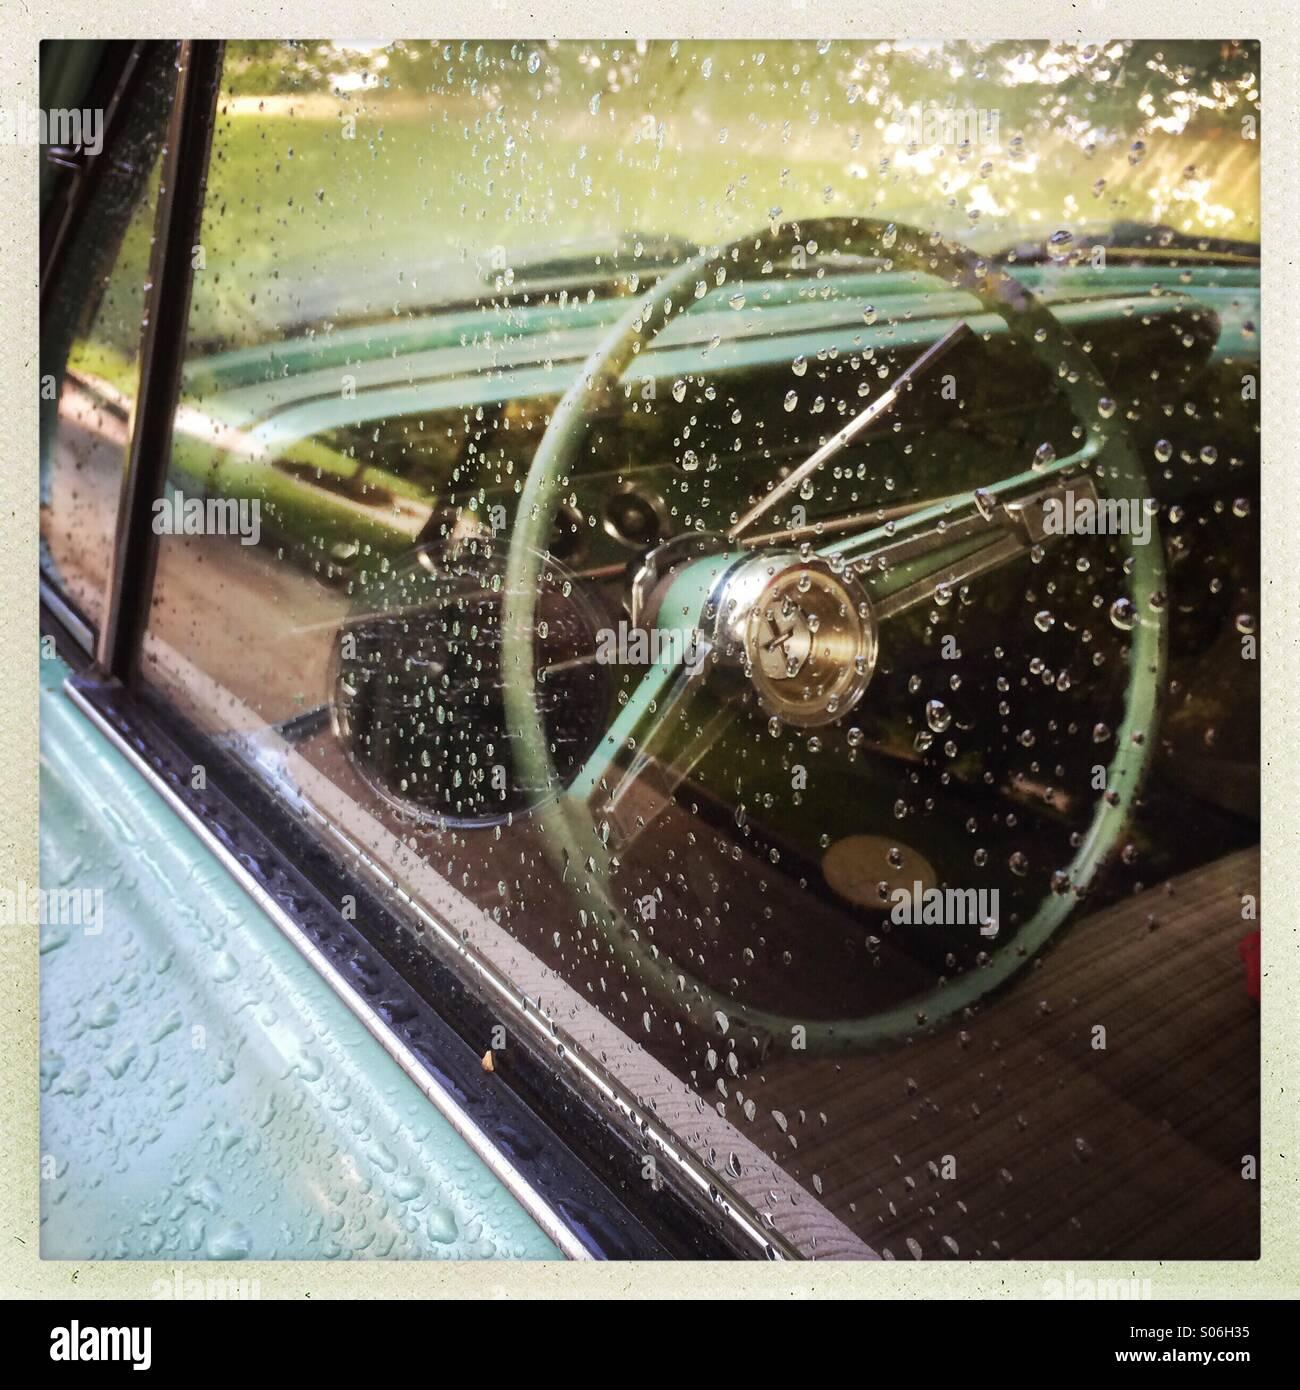 Regnerischen, Oldtimer, Auto-Fenster mit Blick auf Lenkrad Stockbild